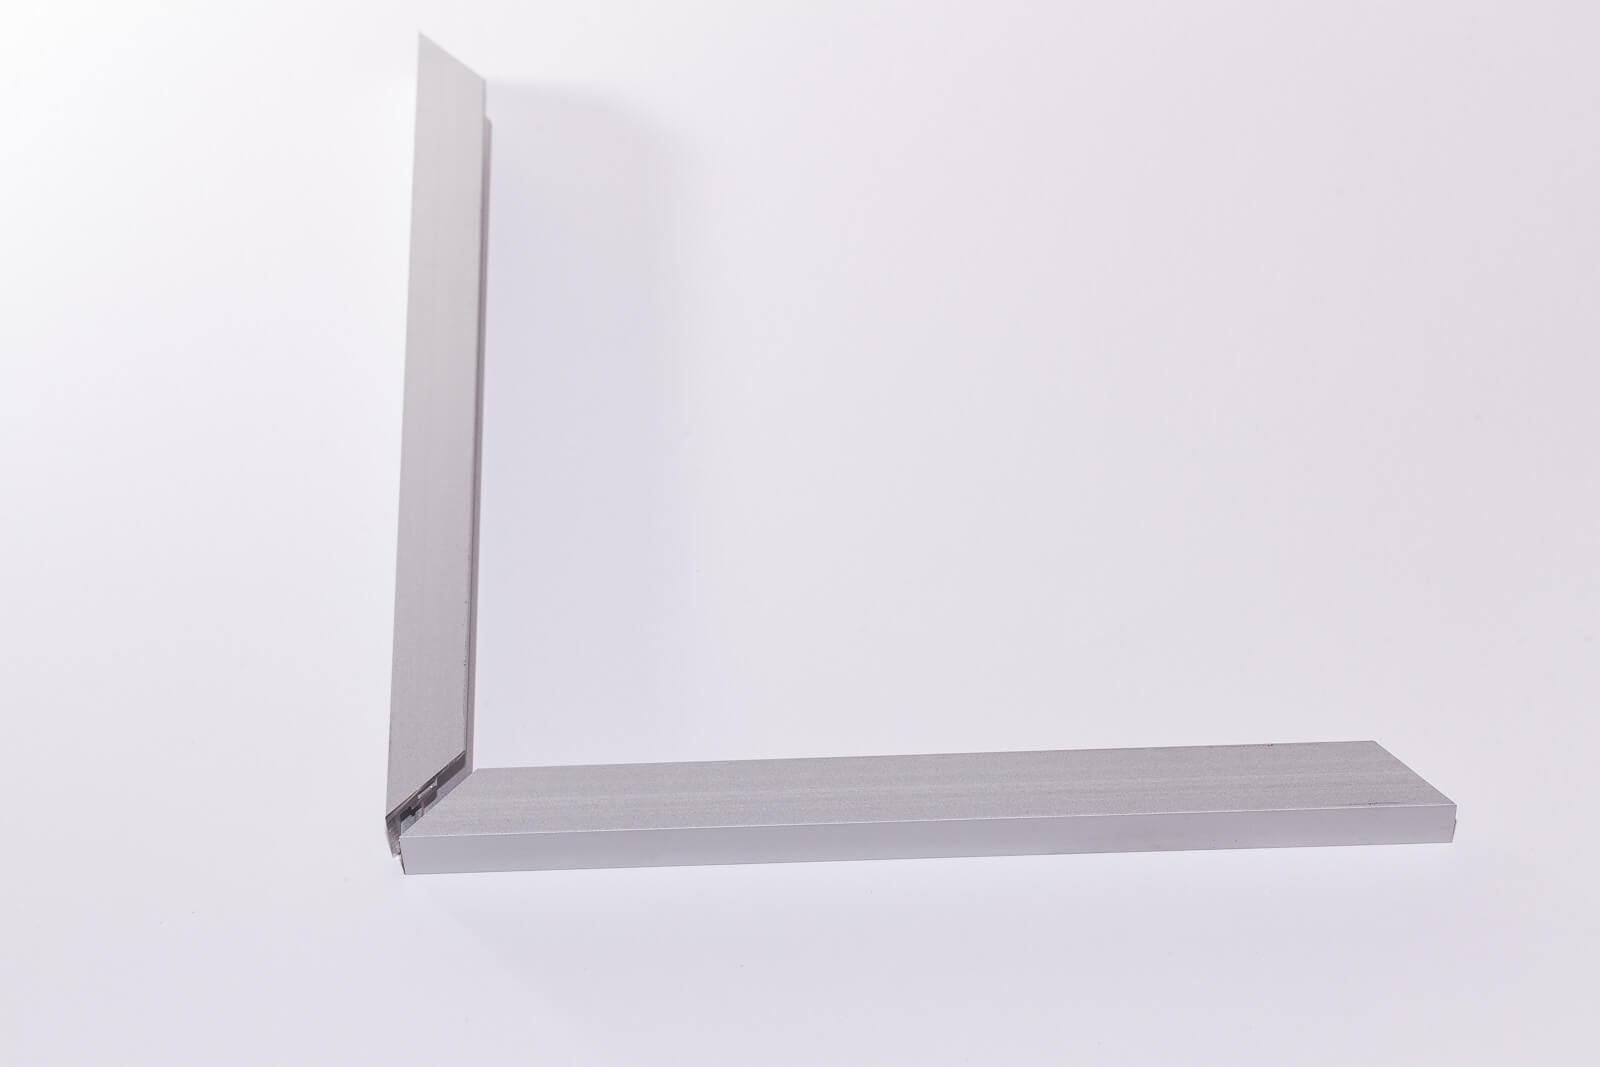 Eine Aufnahme von einem silber-matten HK 10 Aluminium-Rahmenprofil für 10 mm Leichtschaumplatten